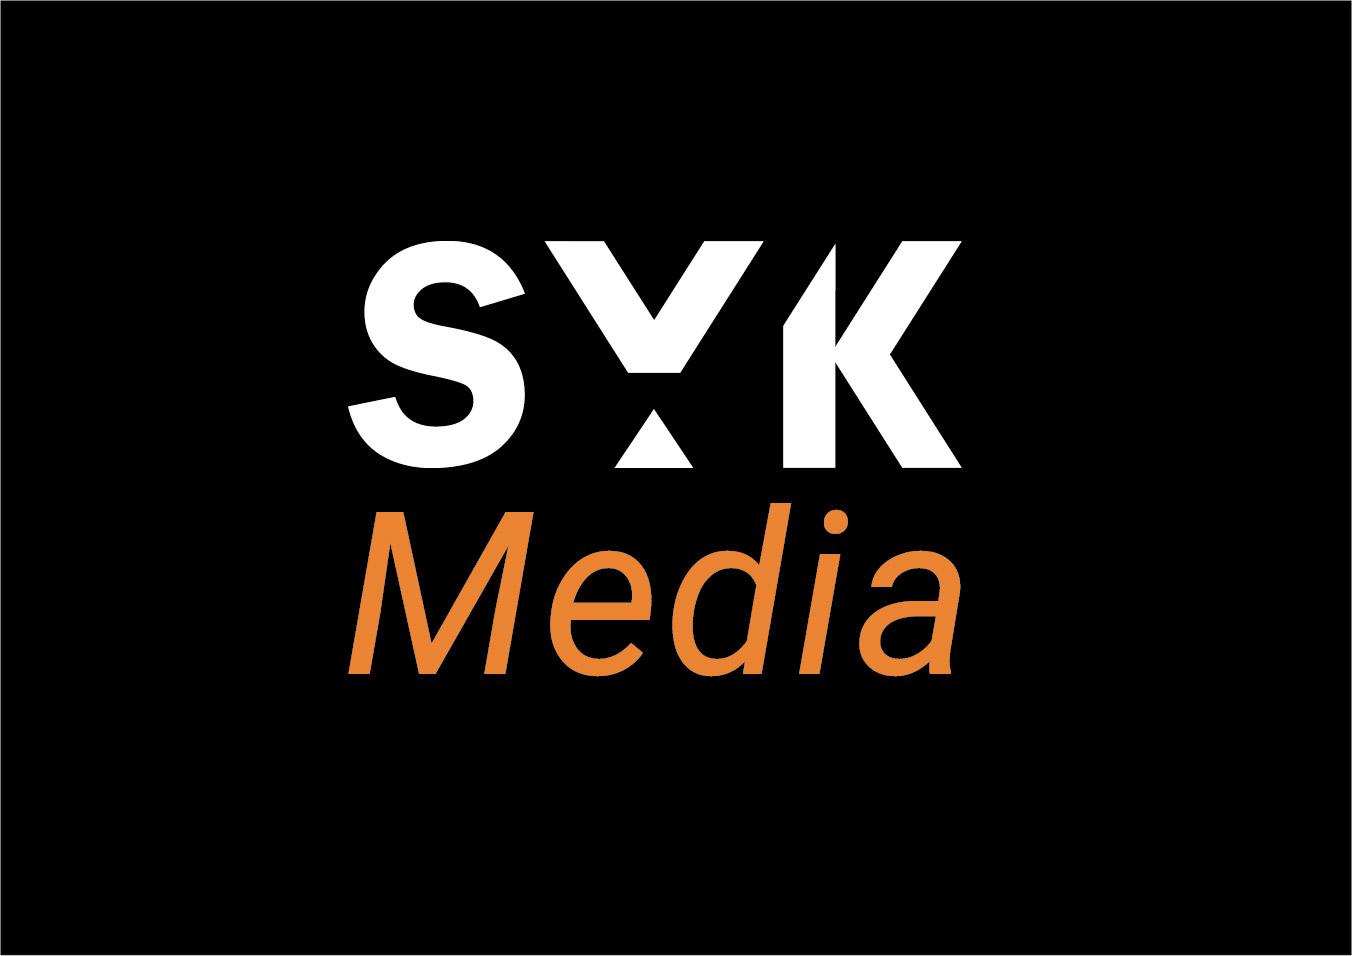 SYK Media